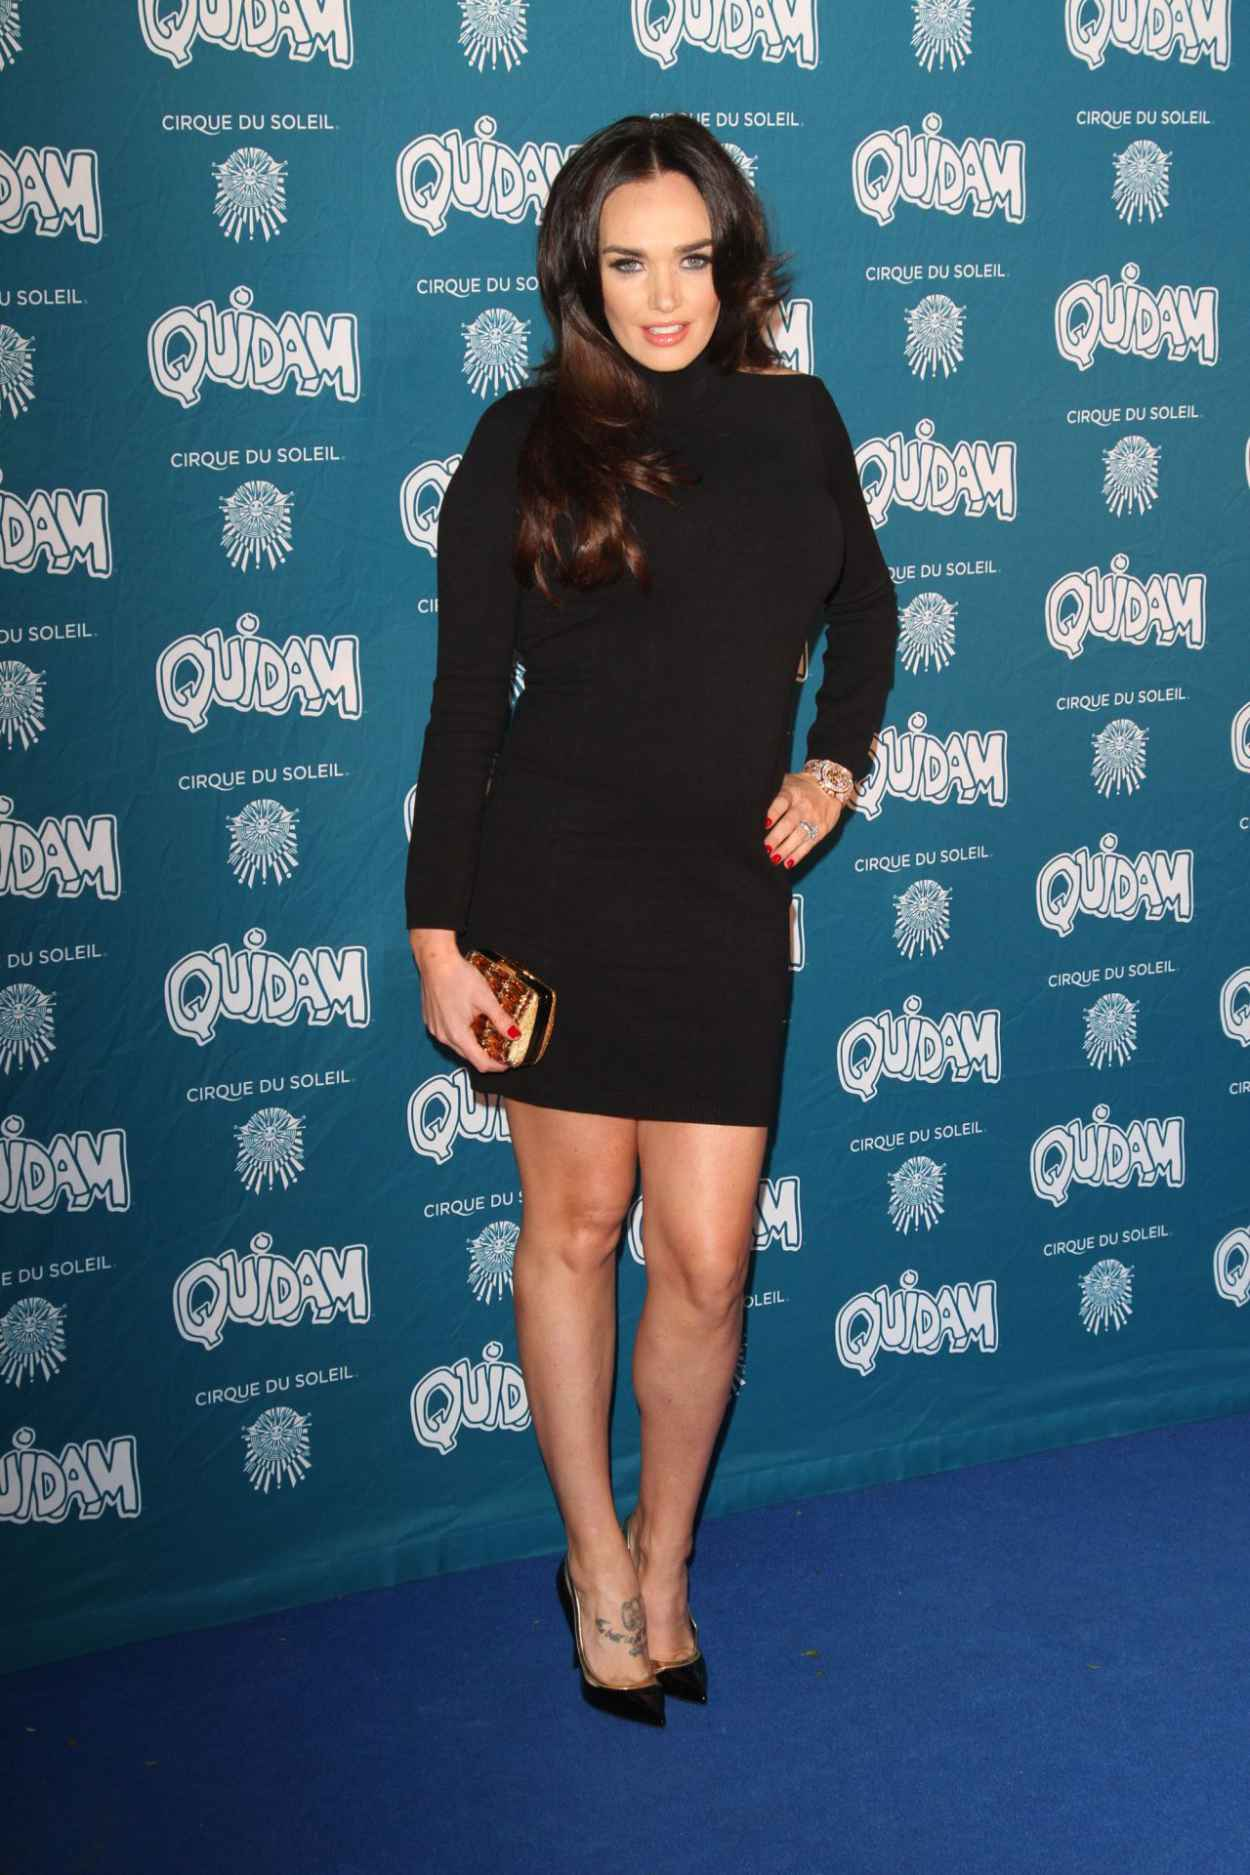 Tamara Ecclestone Attends Cirque Du Solell: Quidam - January 2015-1